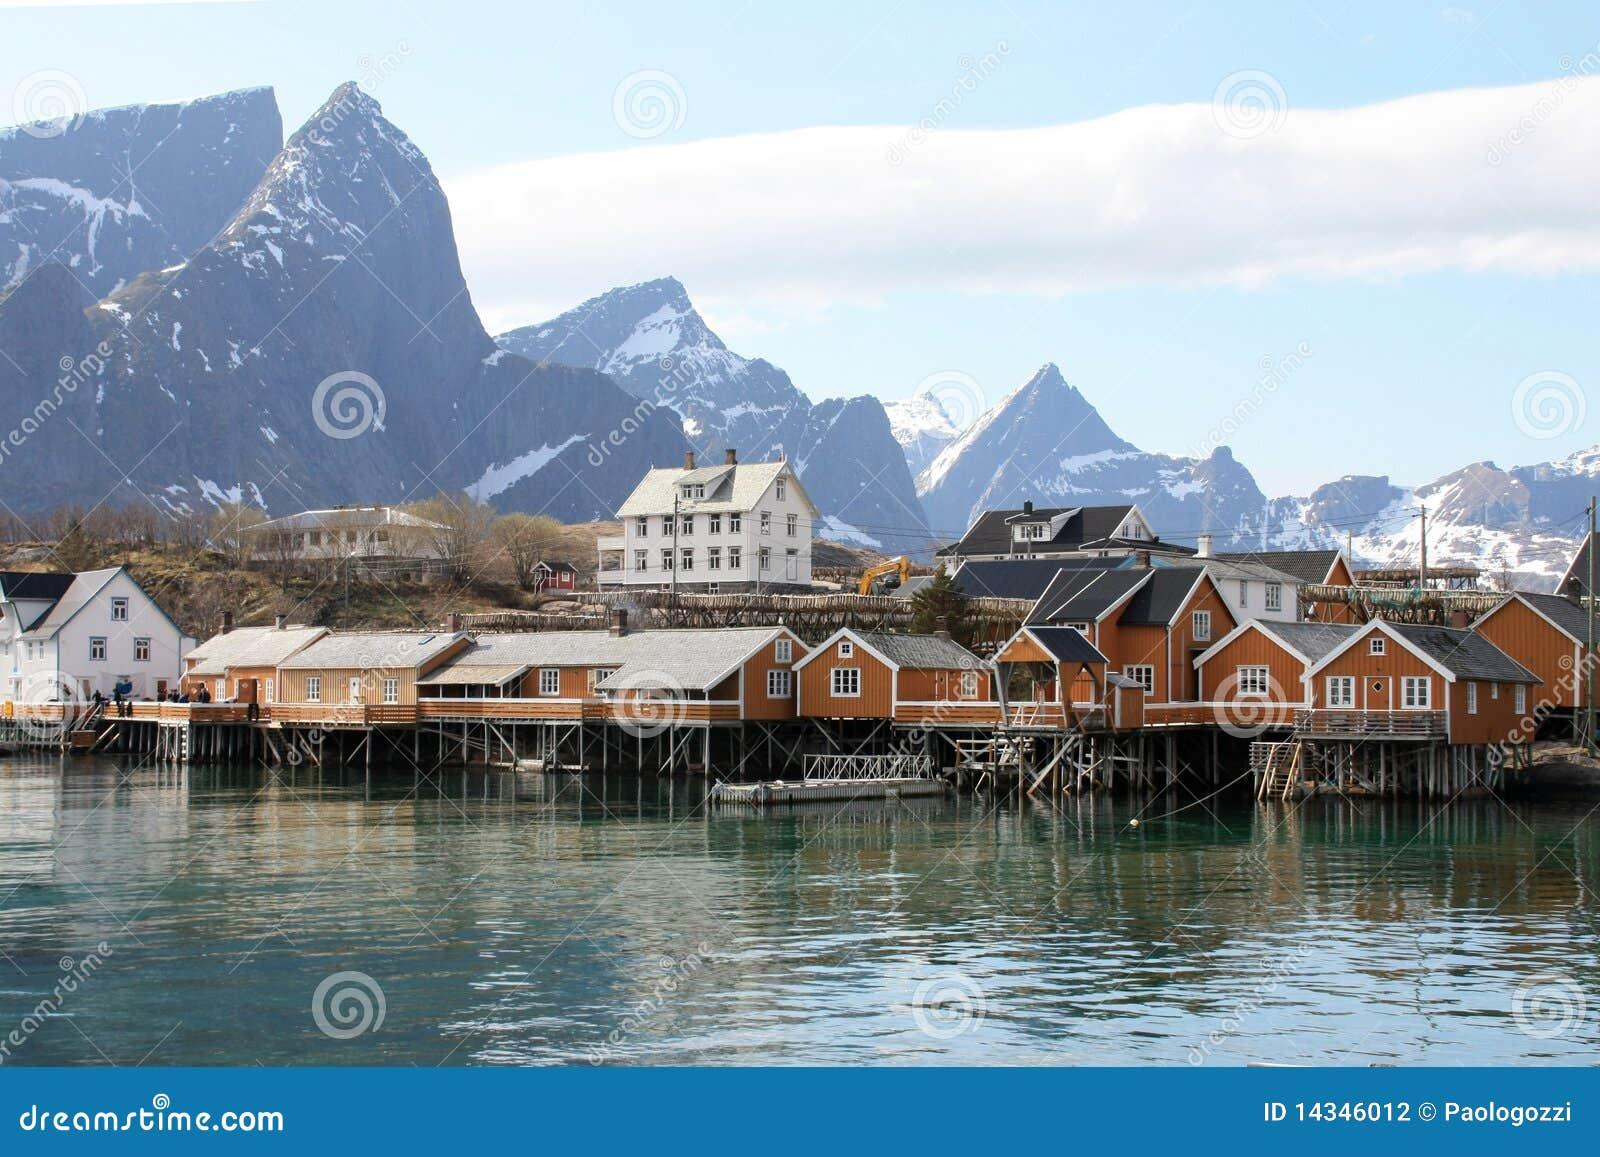 De huizen van sakrisoy stock fotografie afbeelding 14346012 - Huizen van de wereldbank ...